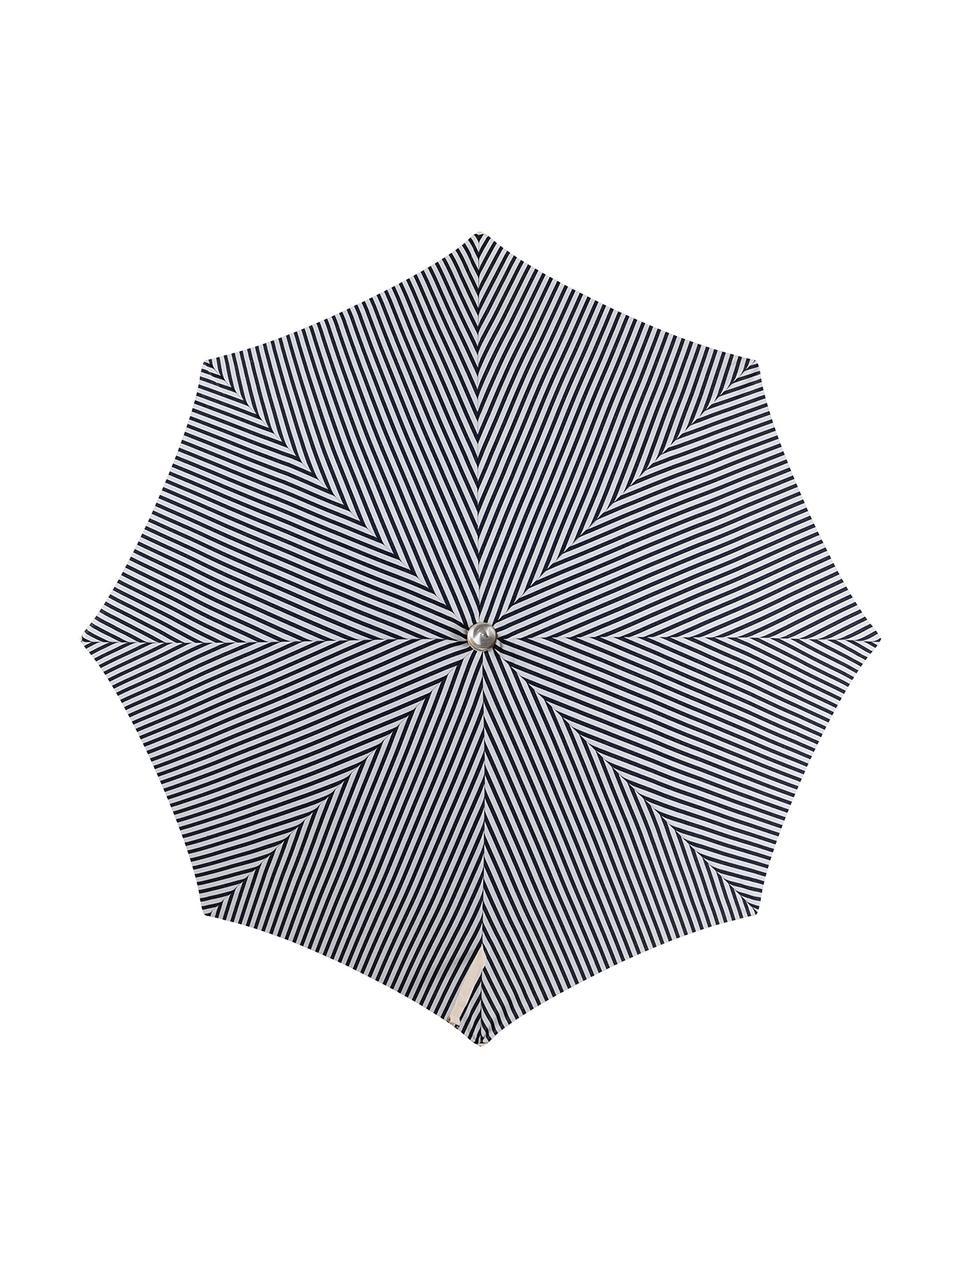 Parasol ogrodowy z frędzlami Retro, Stelaż: drewno naturalne, laminow, Ciemnyniebieski, złamana biel, Ø 180 x W 230 cm